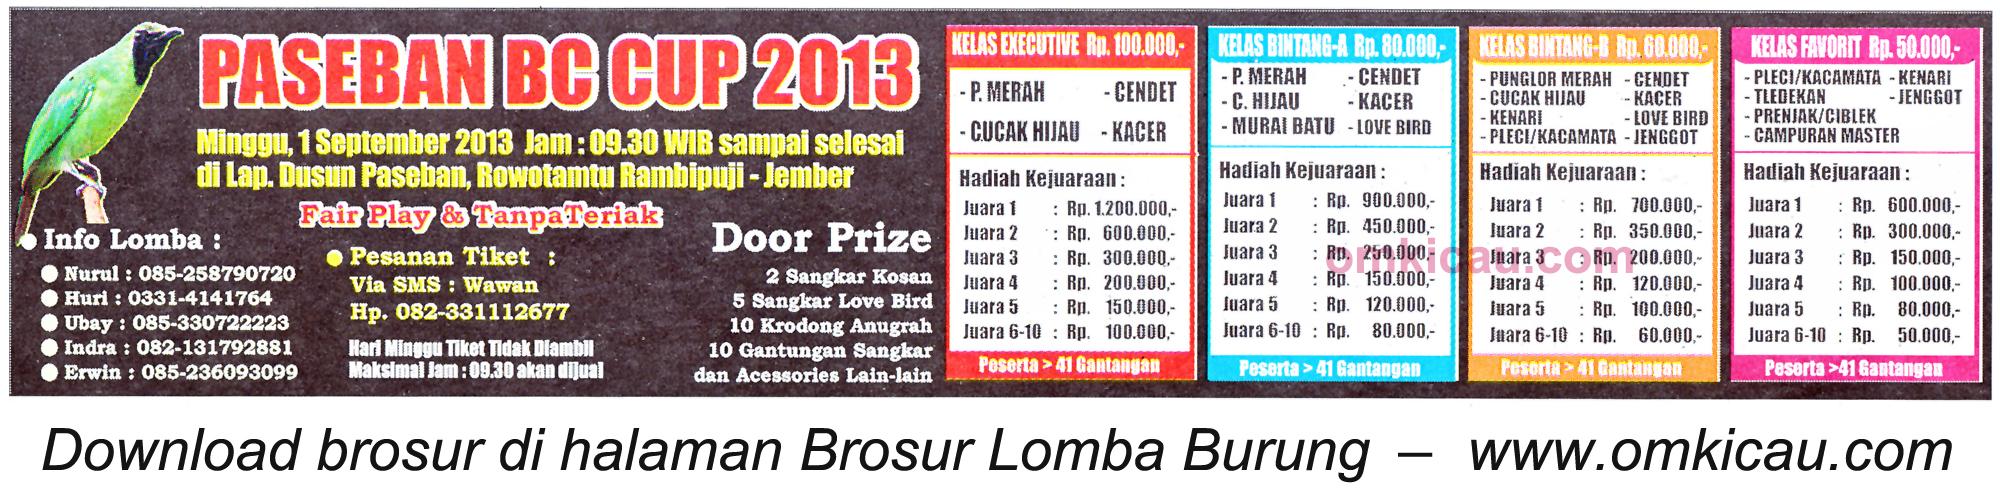 Brosur Lomba Burung Paseban BC Cup Jember 1 Sept 2013